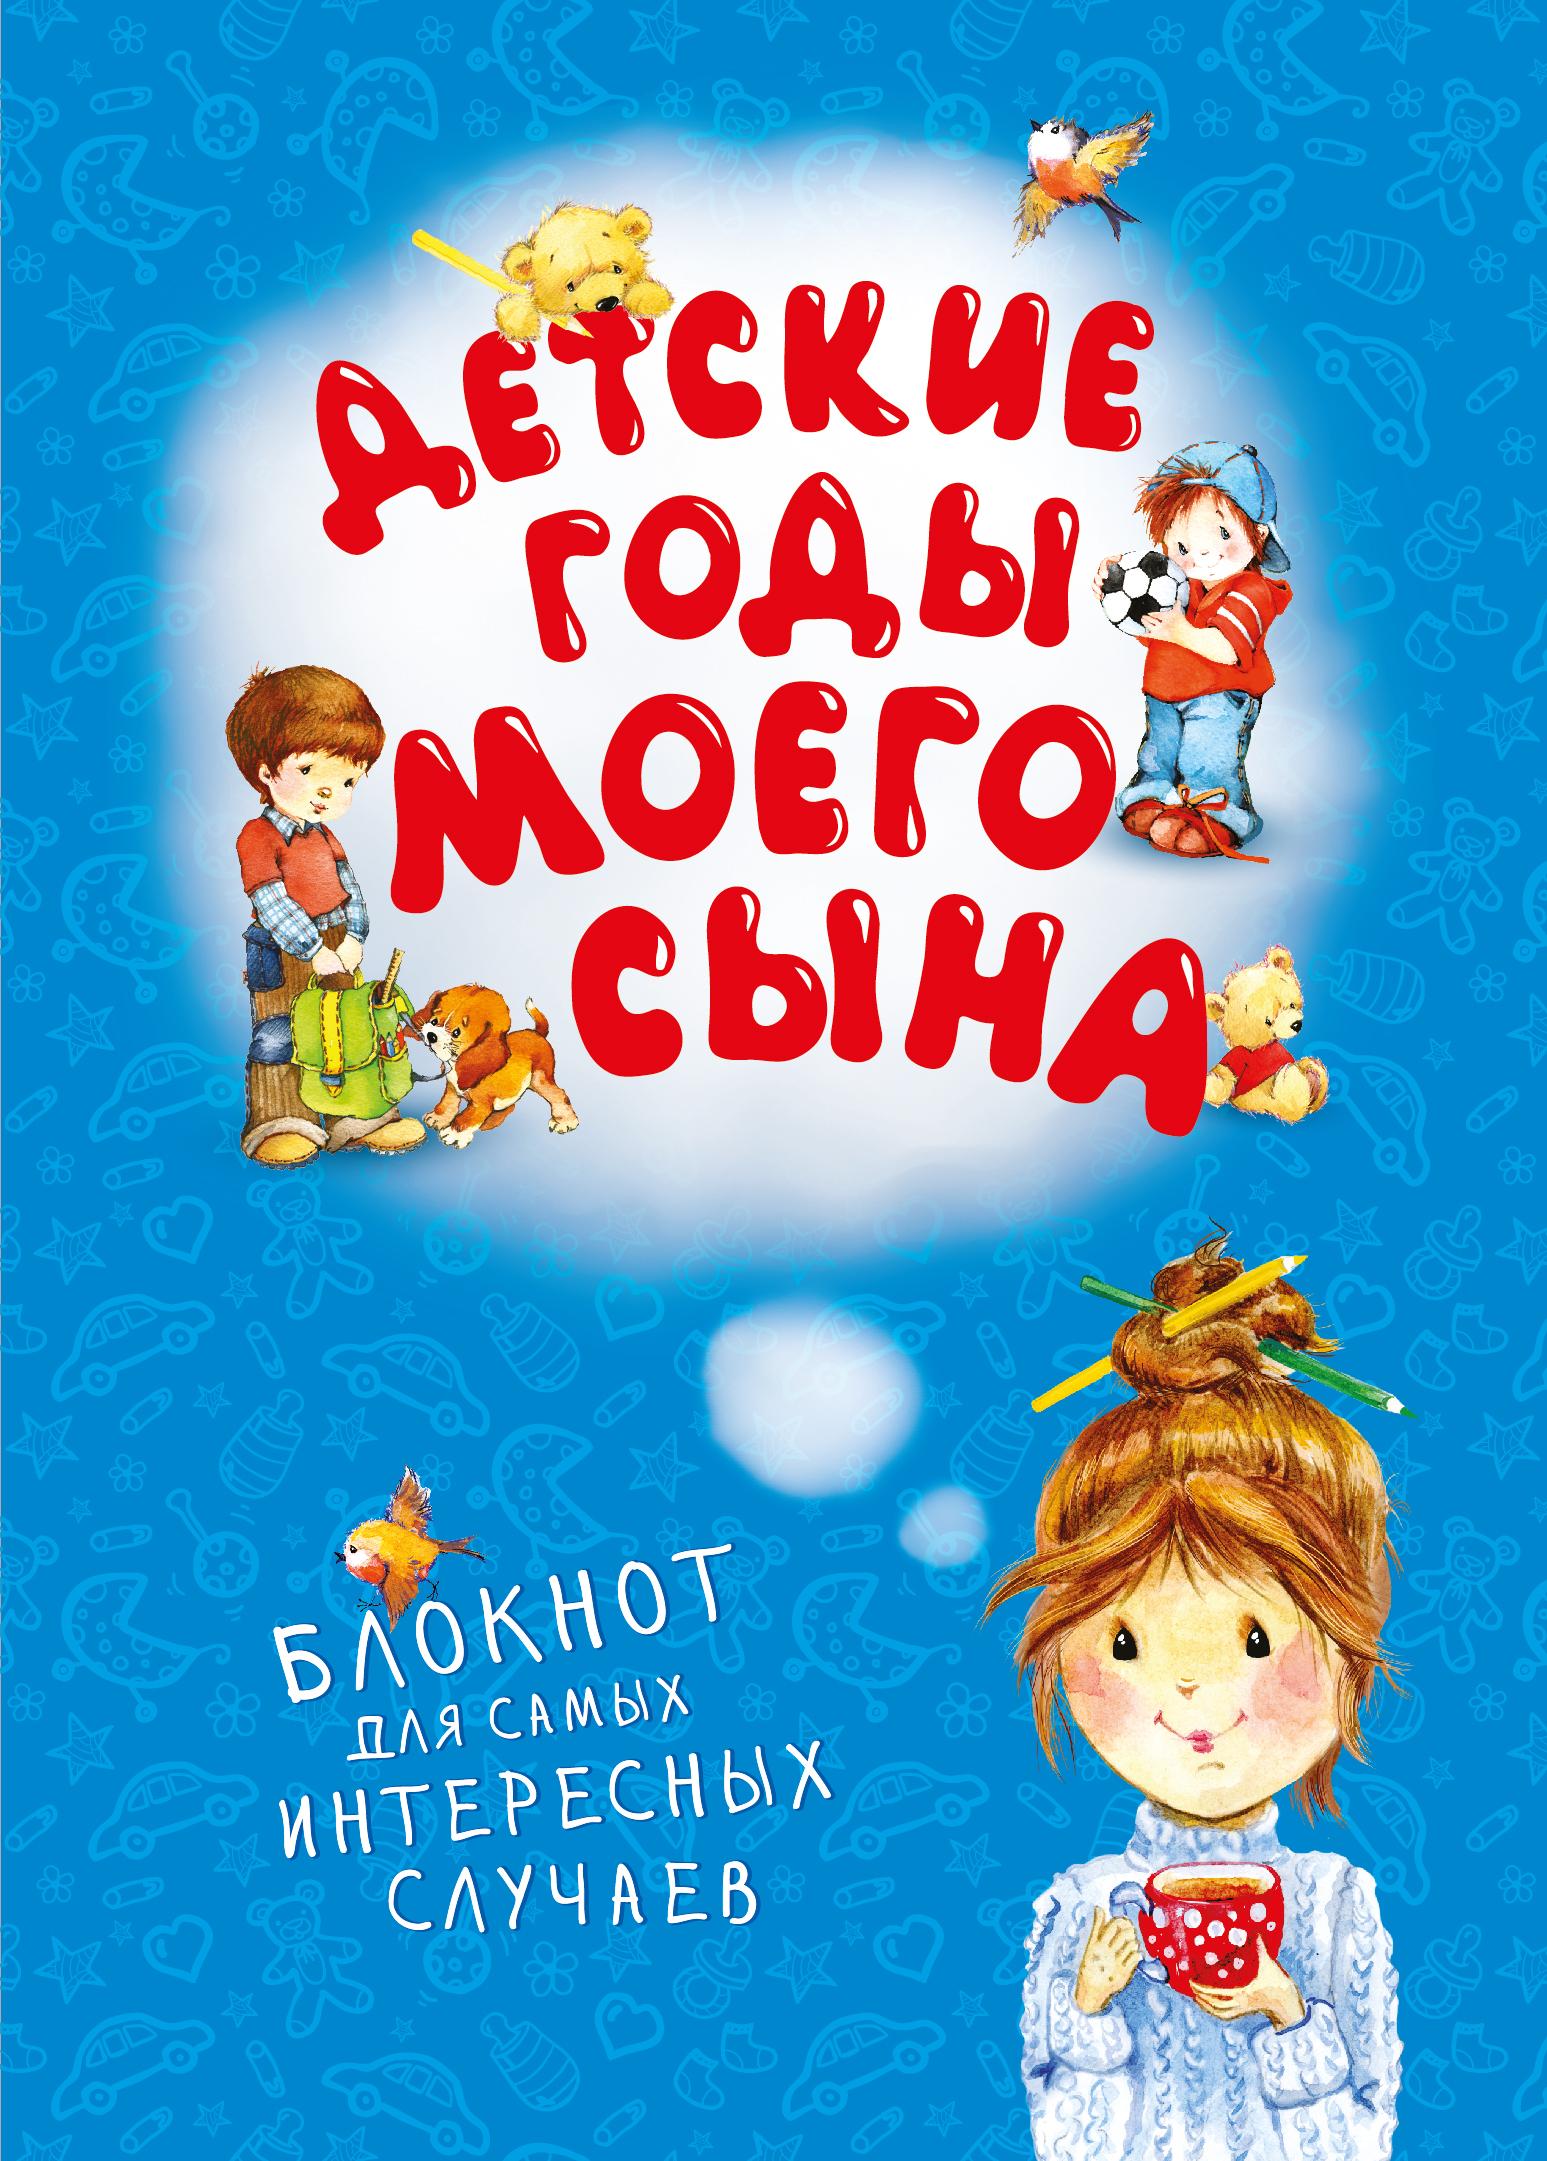 Детские годы моего сына. Блокнот для самых интересных случаев от book24.ru